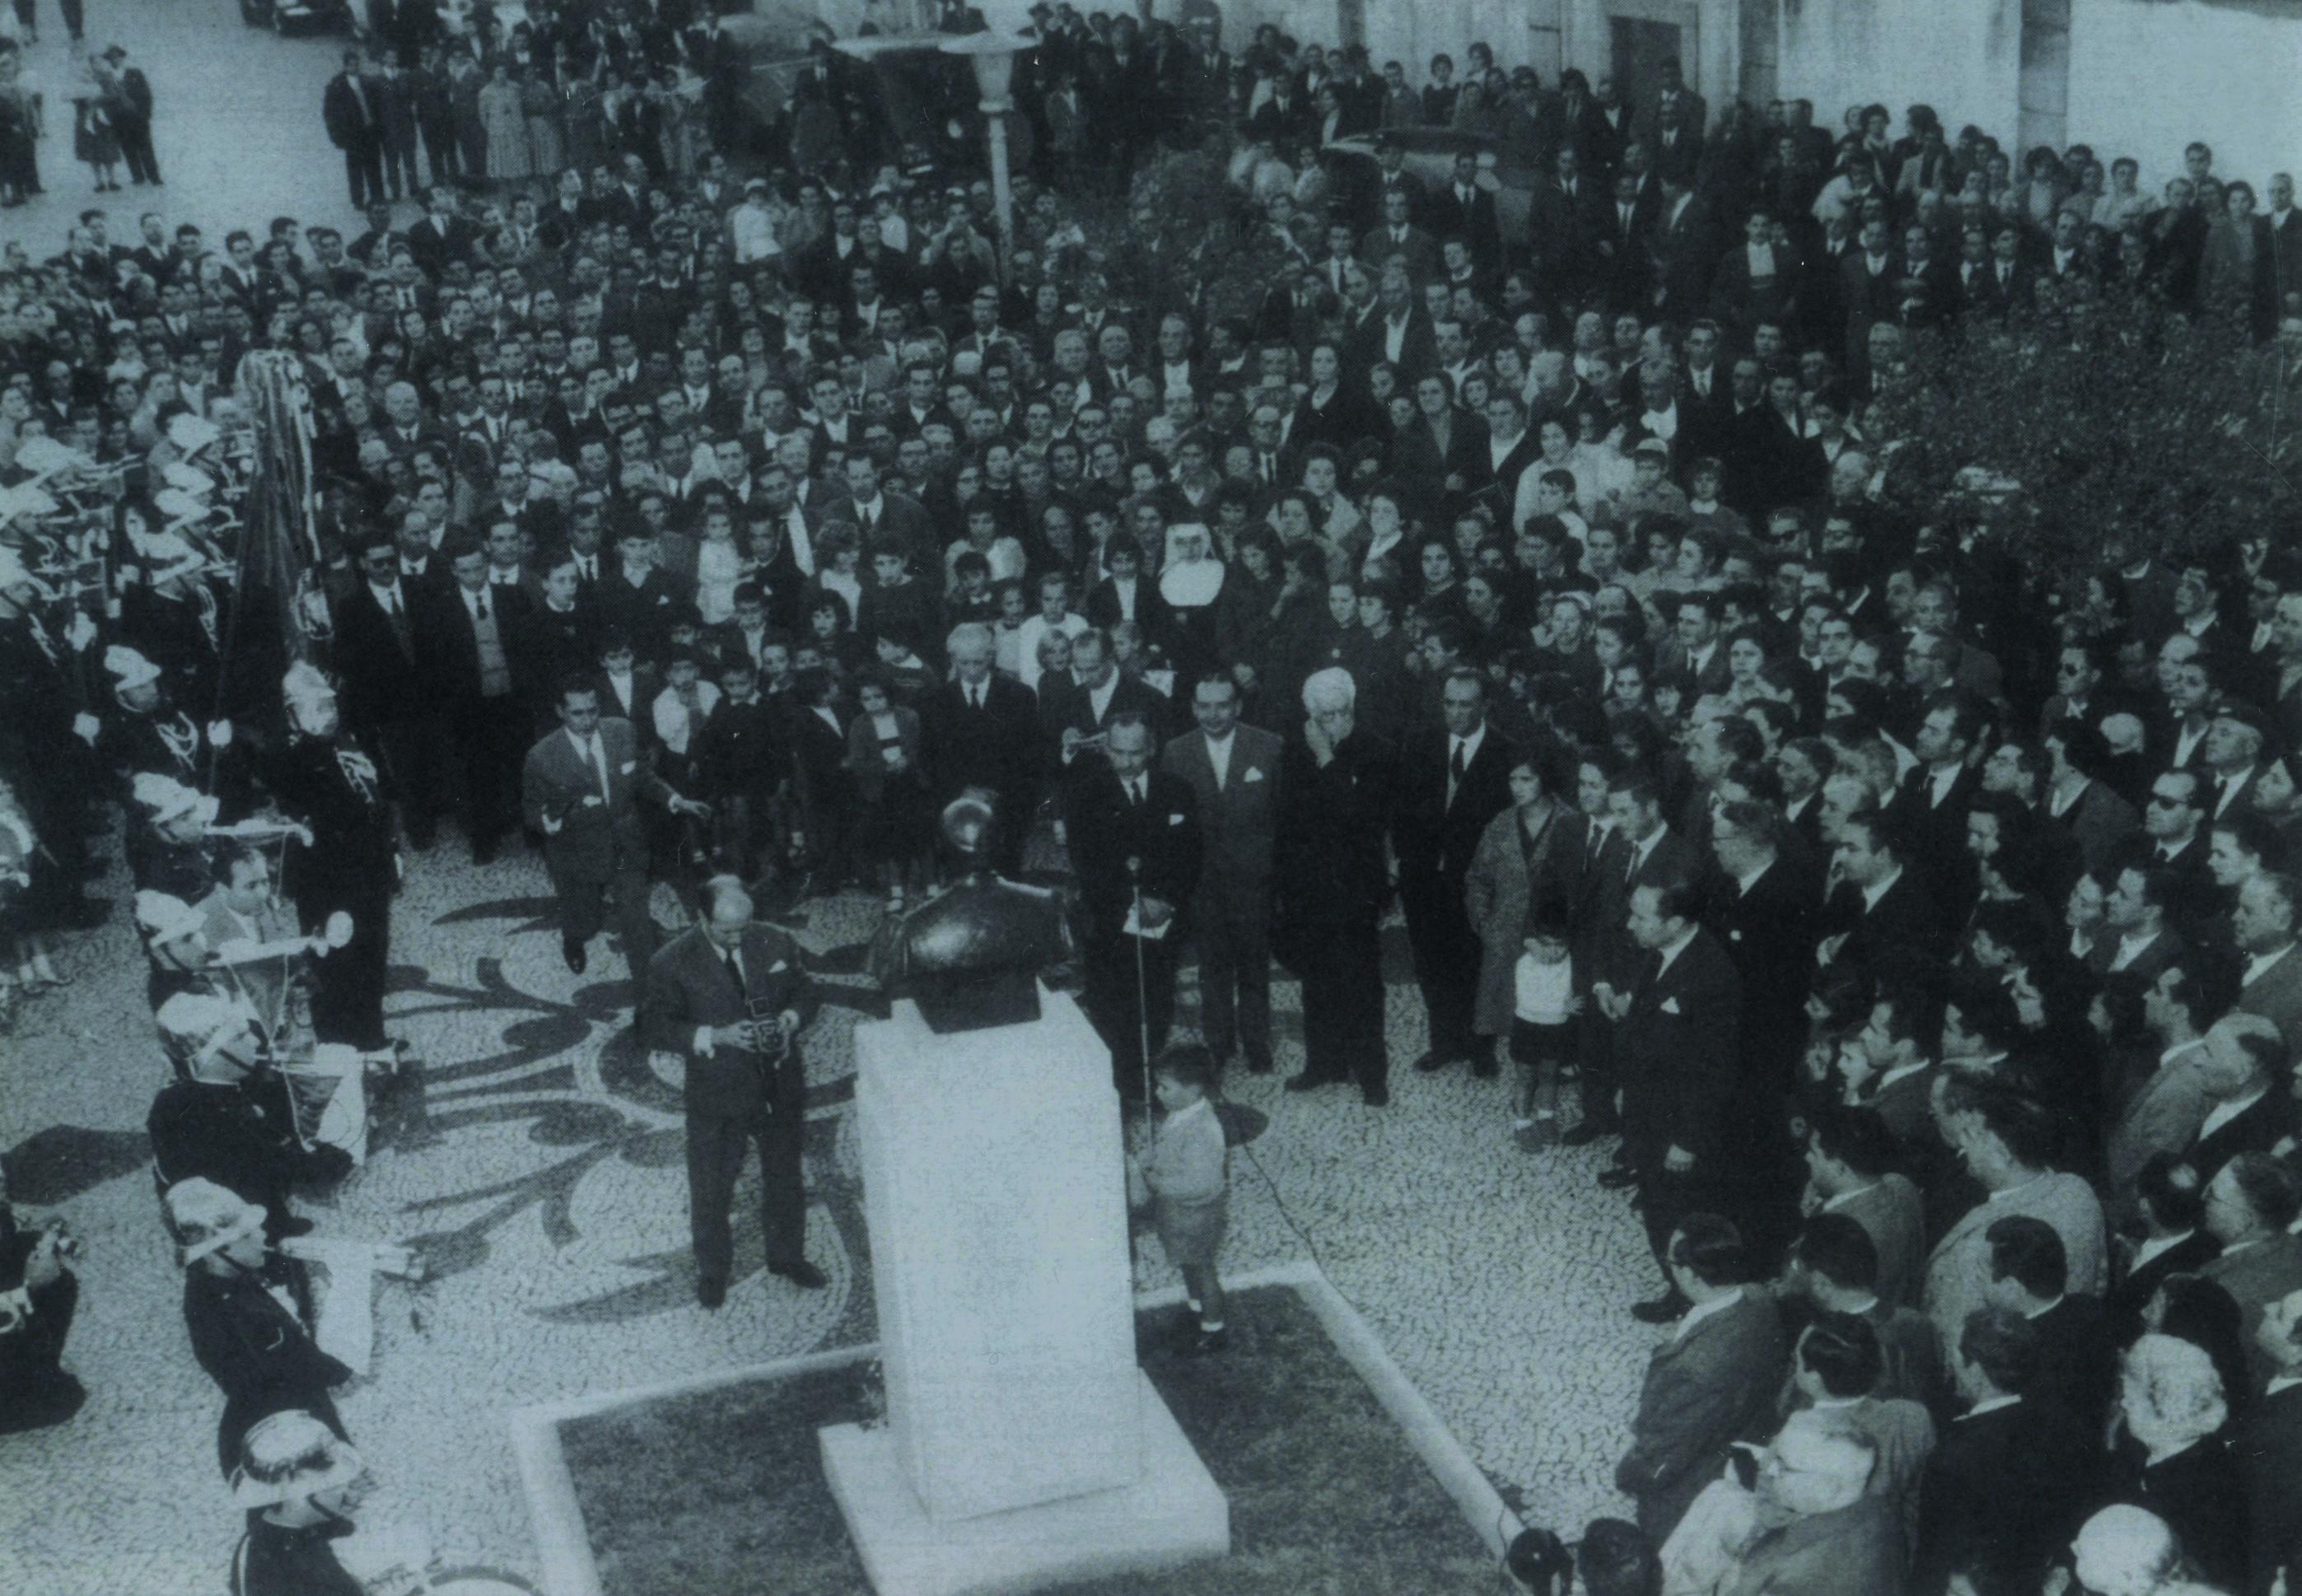 Descerramento do busto de Bento Carqueja no centenário do seu nascimento (1960)